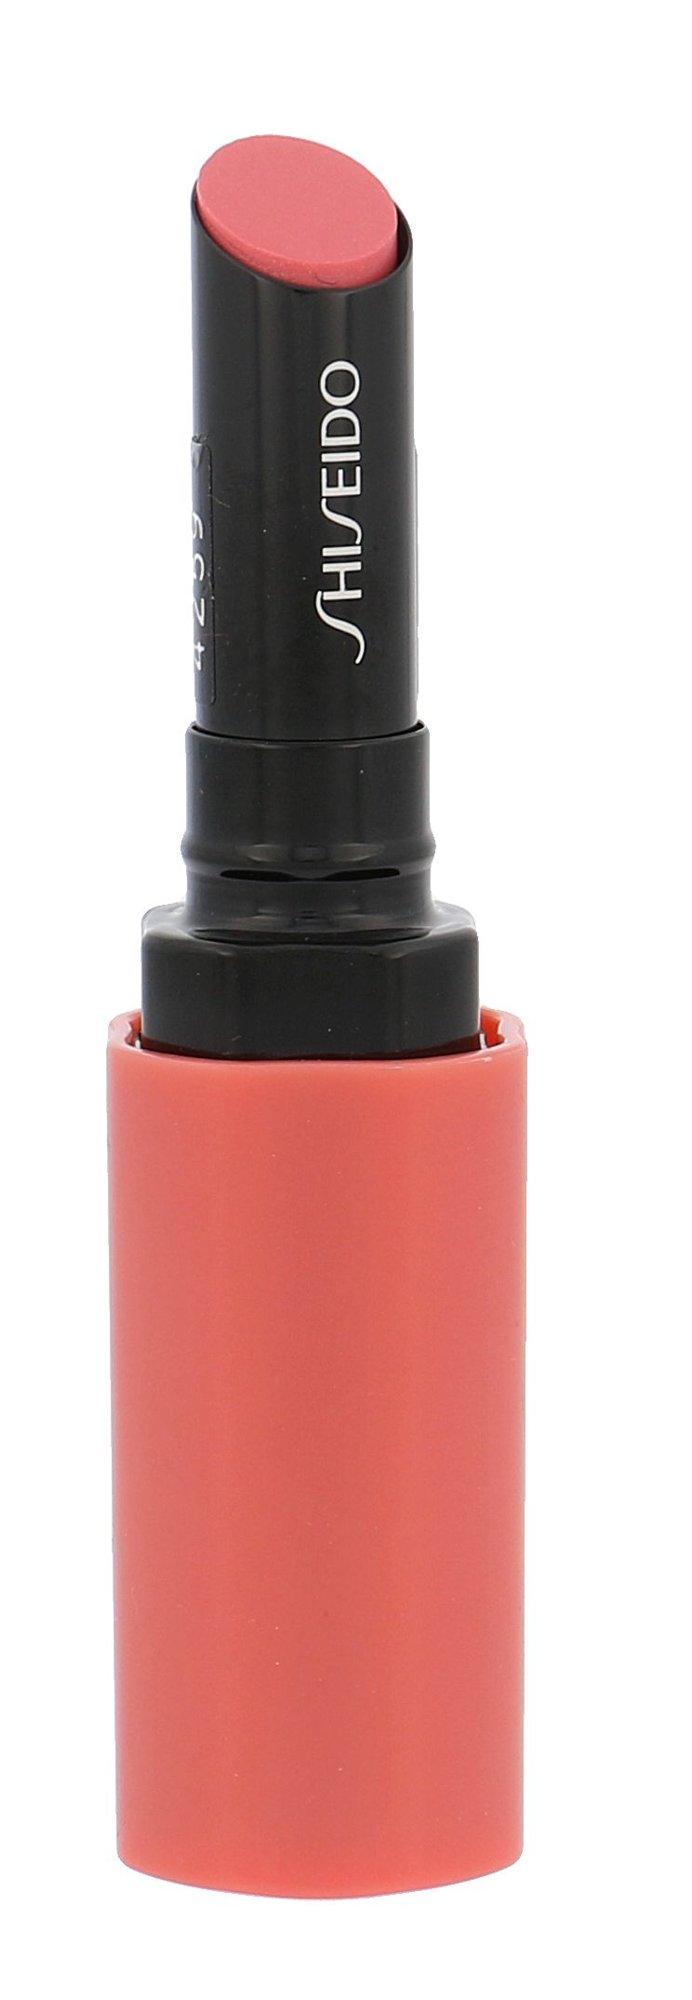 Shiseido Veiled Rouge Cosmetic 2,2ml PK304